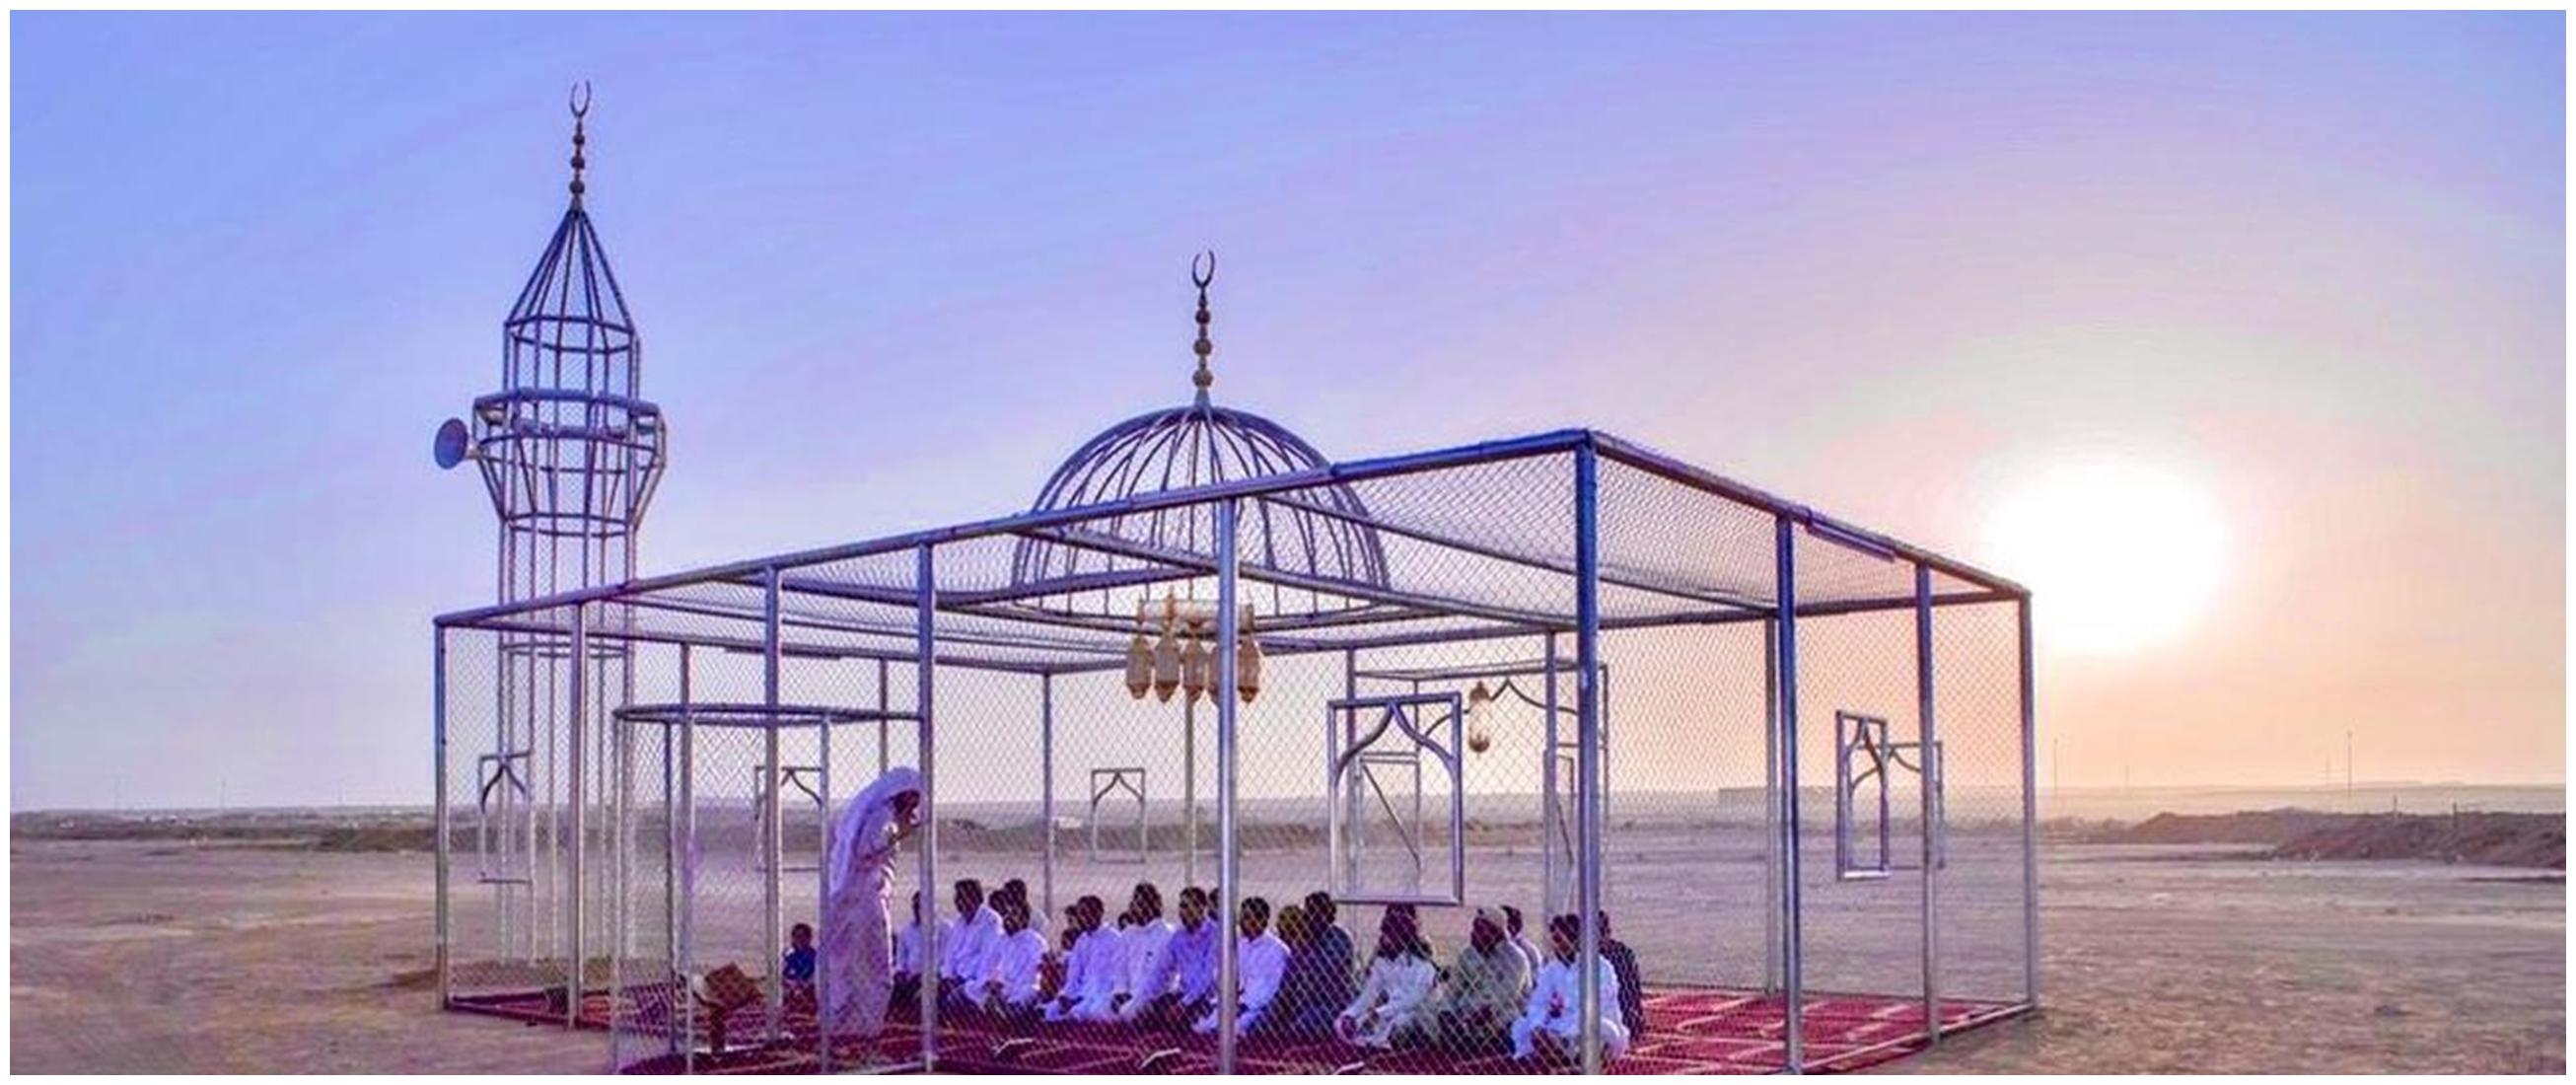 Penampakan masjid transparan di Arab Saudi ini bikin takjub